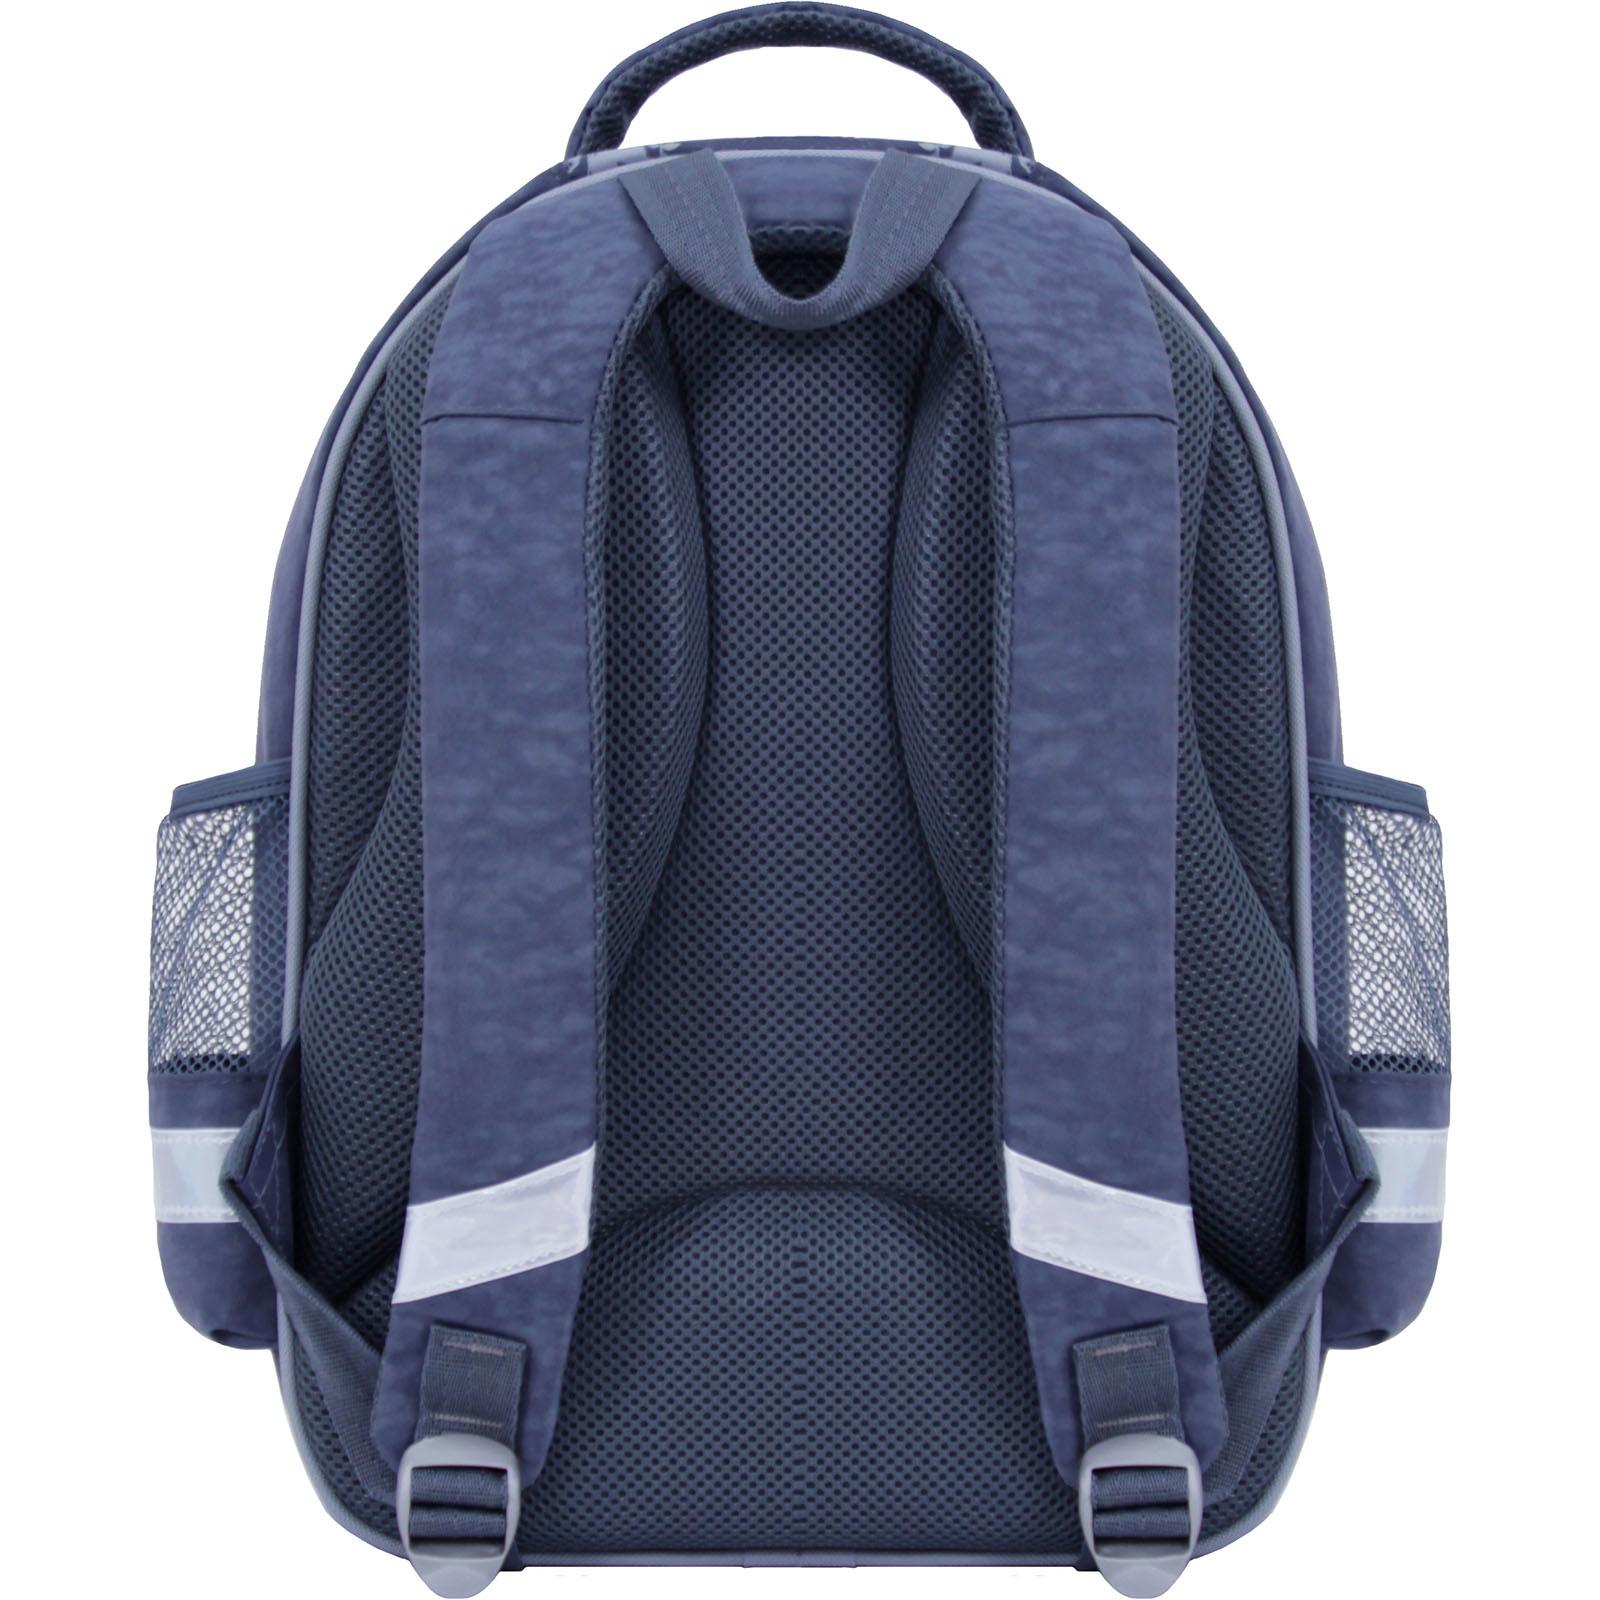 Рюкзак школьный Bagland Mouse 321 серый 165 (0051370) фото 3